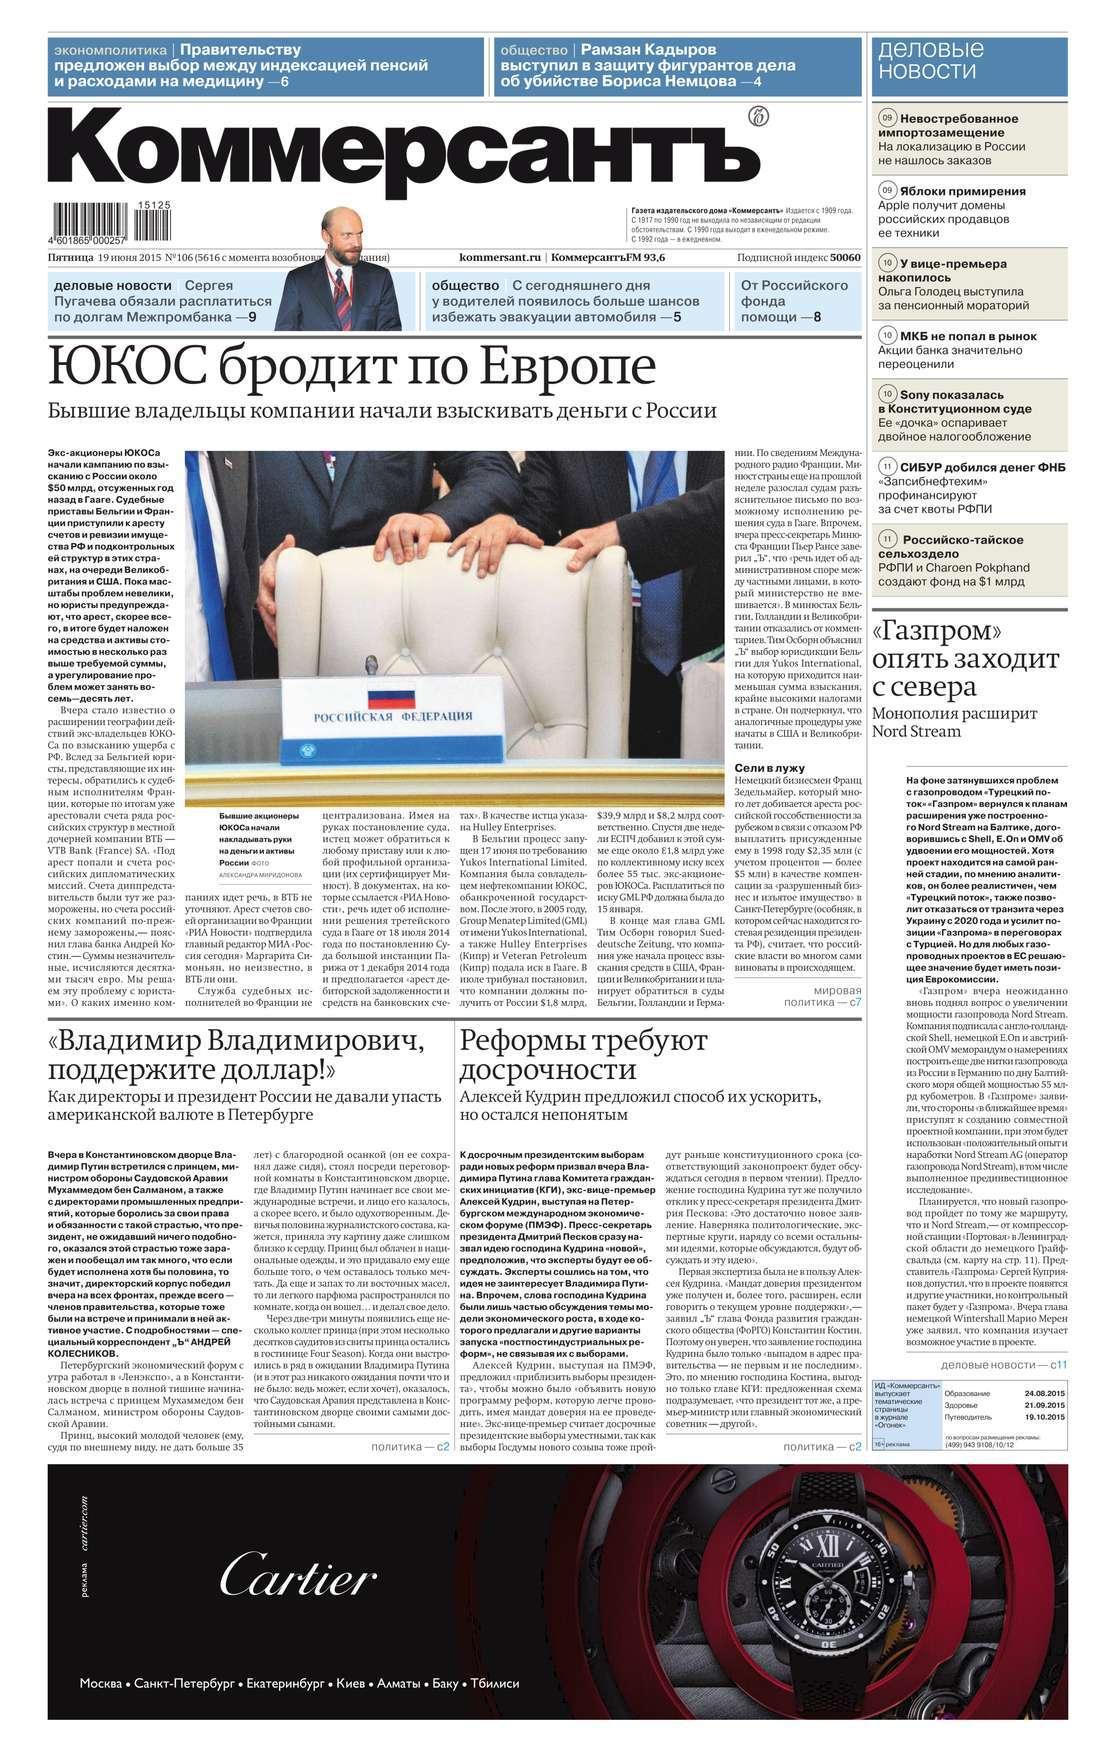 Скачать Редакция газеты КоммерсантЪ бесплатно КоммерсантЪ 106-2015